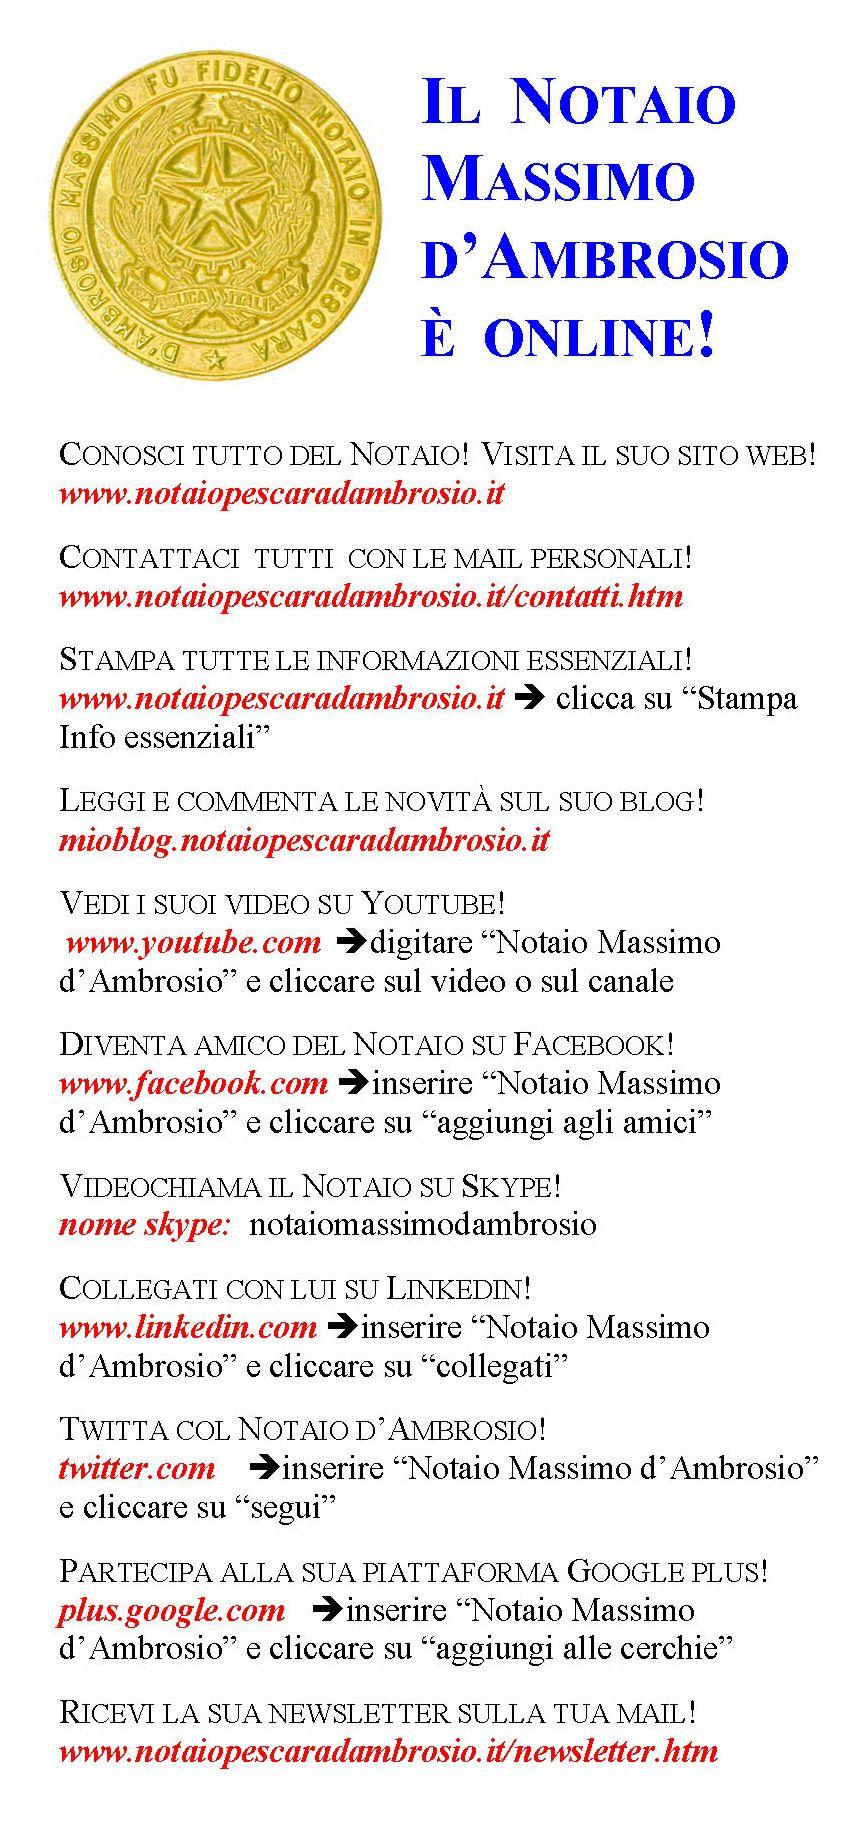 il notaio Massimo d'Ambrosio è Online